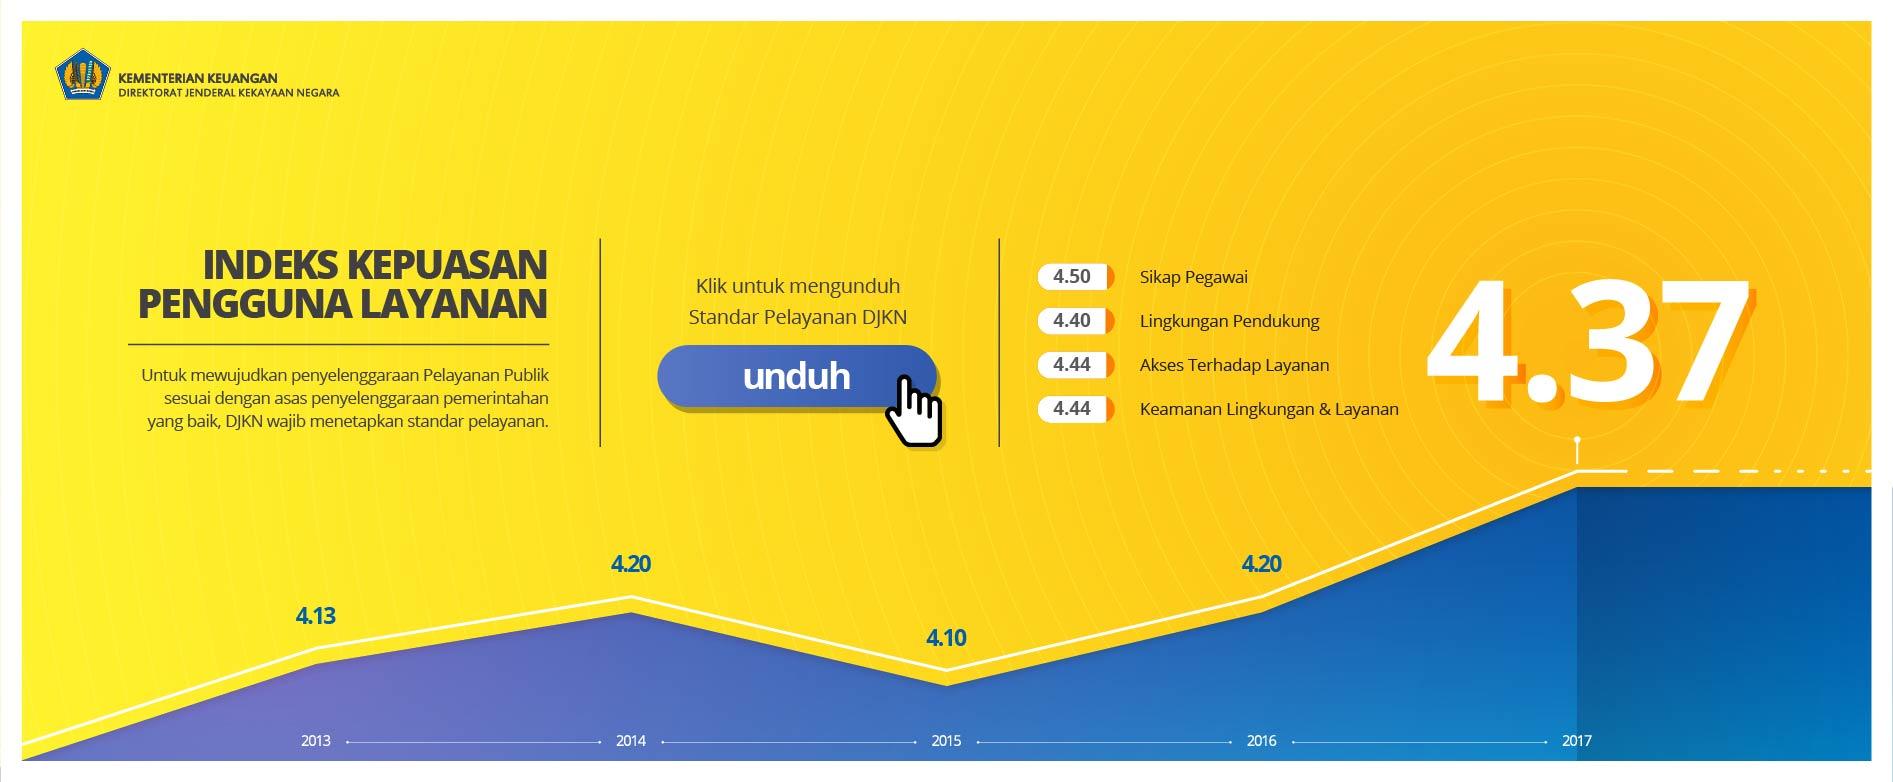 Indeks Kepuasan Pengguna Layanan (2)